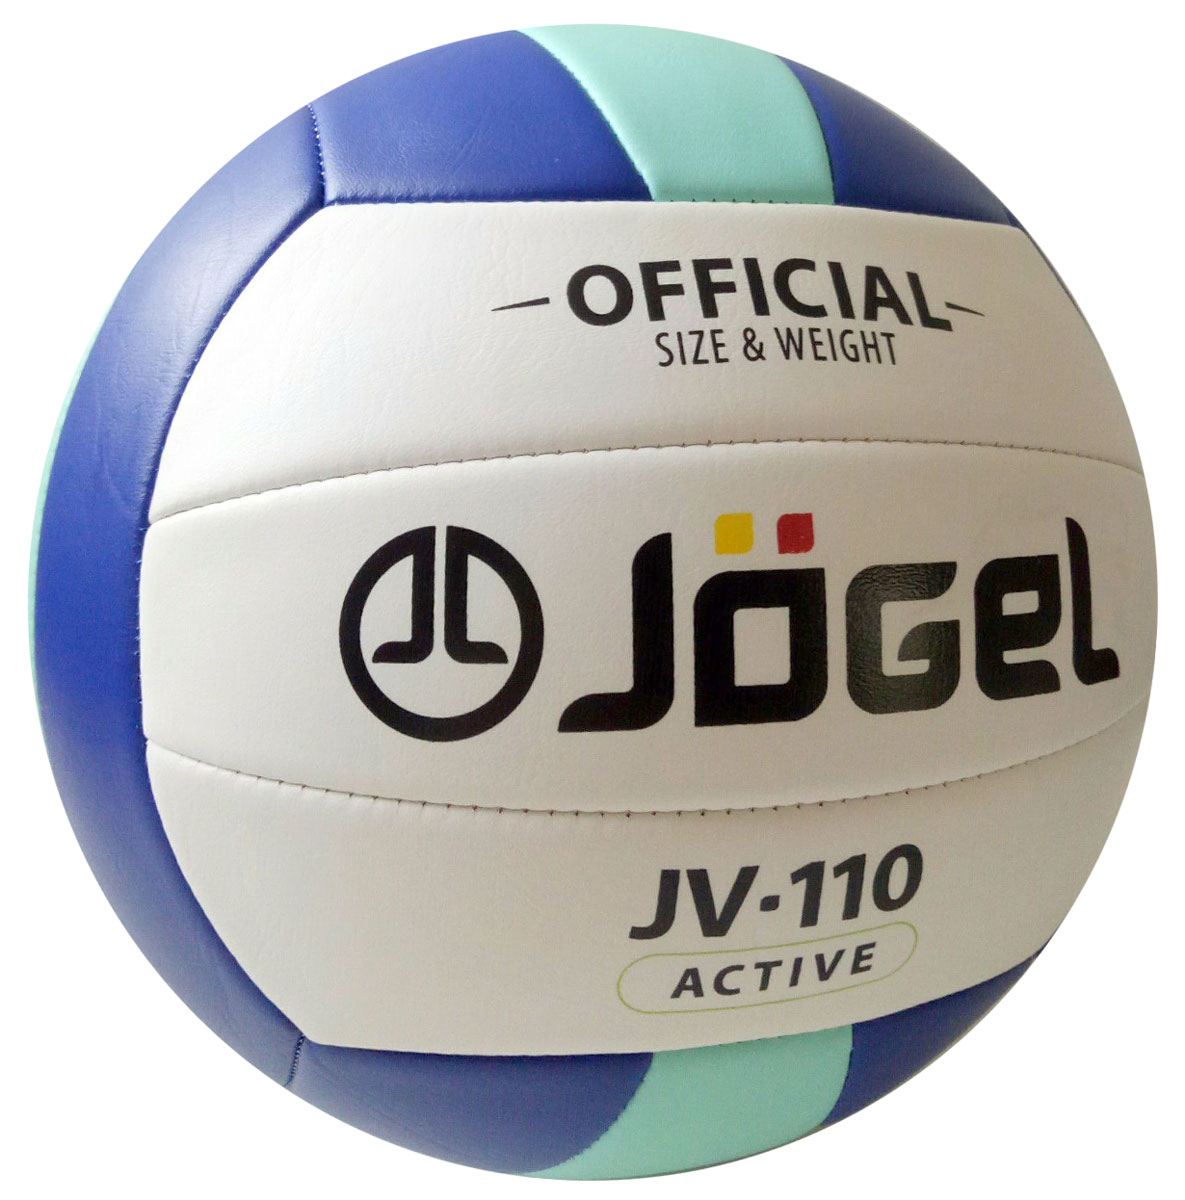 """Волейбольный мяч """"Jogel"""" хорошо подойдет для любительской игры и тренировок. Покрышка мяча выполнена из синтетической кожи (поливинилхлорид), которая обладает хорошей износостойкостью и отличными игровыми характеристиками.Мяч состоит из 18 сшитых панелей. Мяч оснащен камерой из бутила и армирован подкладочным слоем из ткани. Вес: 260-280 гр.Длина окружности: 65-67 см.Рекомендованное давление: 0.29-0.32 бар.УВАЖАЕМЫЕ КЛИЕНТЫ!Обращаем ваше внимание на тот факт, что мяч поставляется в сдутом виде. Насос в комплект не входит."""